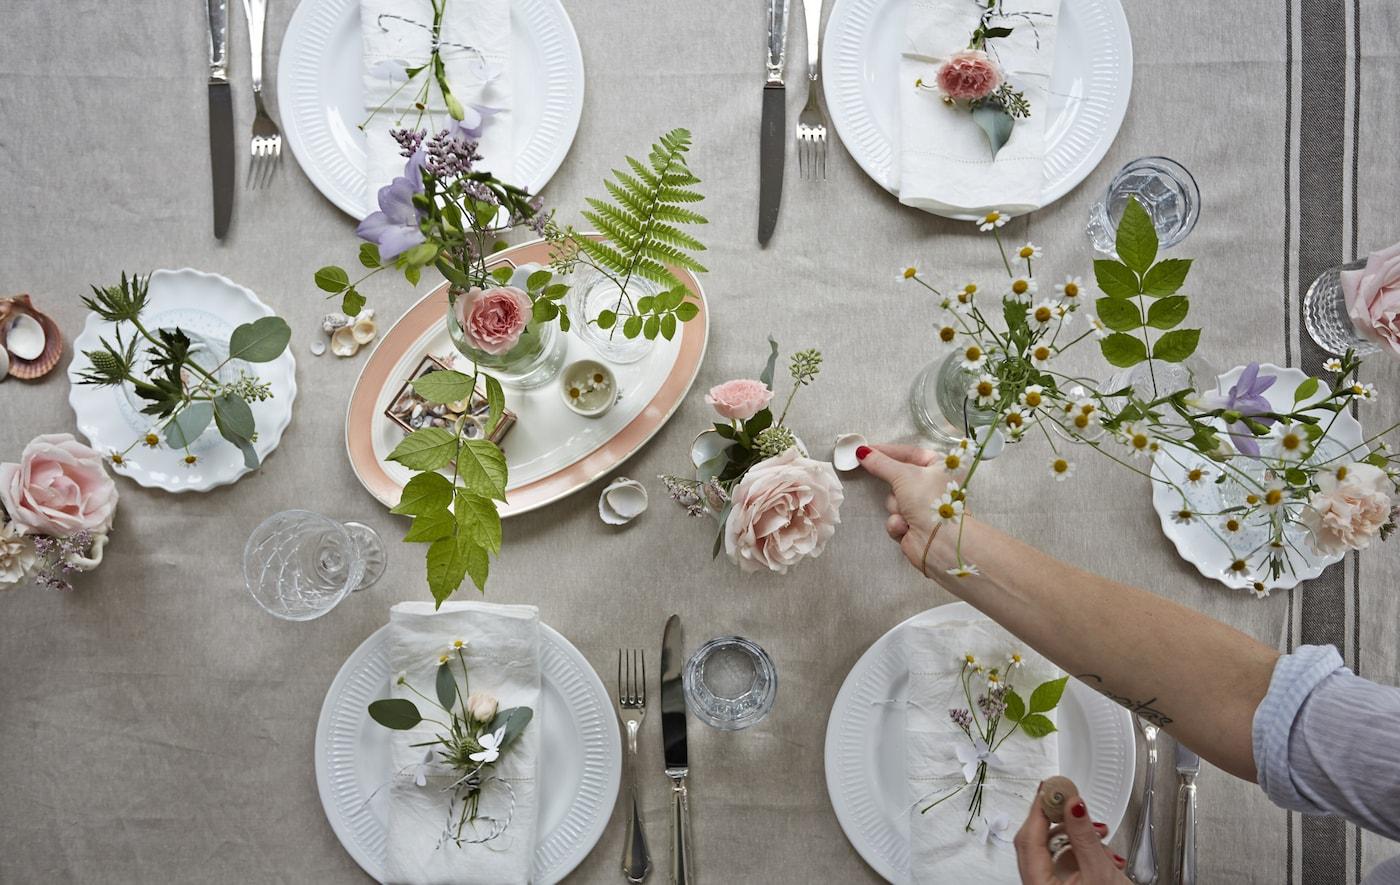 Eine Sommertafel mit frischen Blumen, Sträuchern weißen Tellern & Edelstahl-Besteck